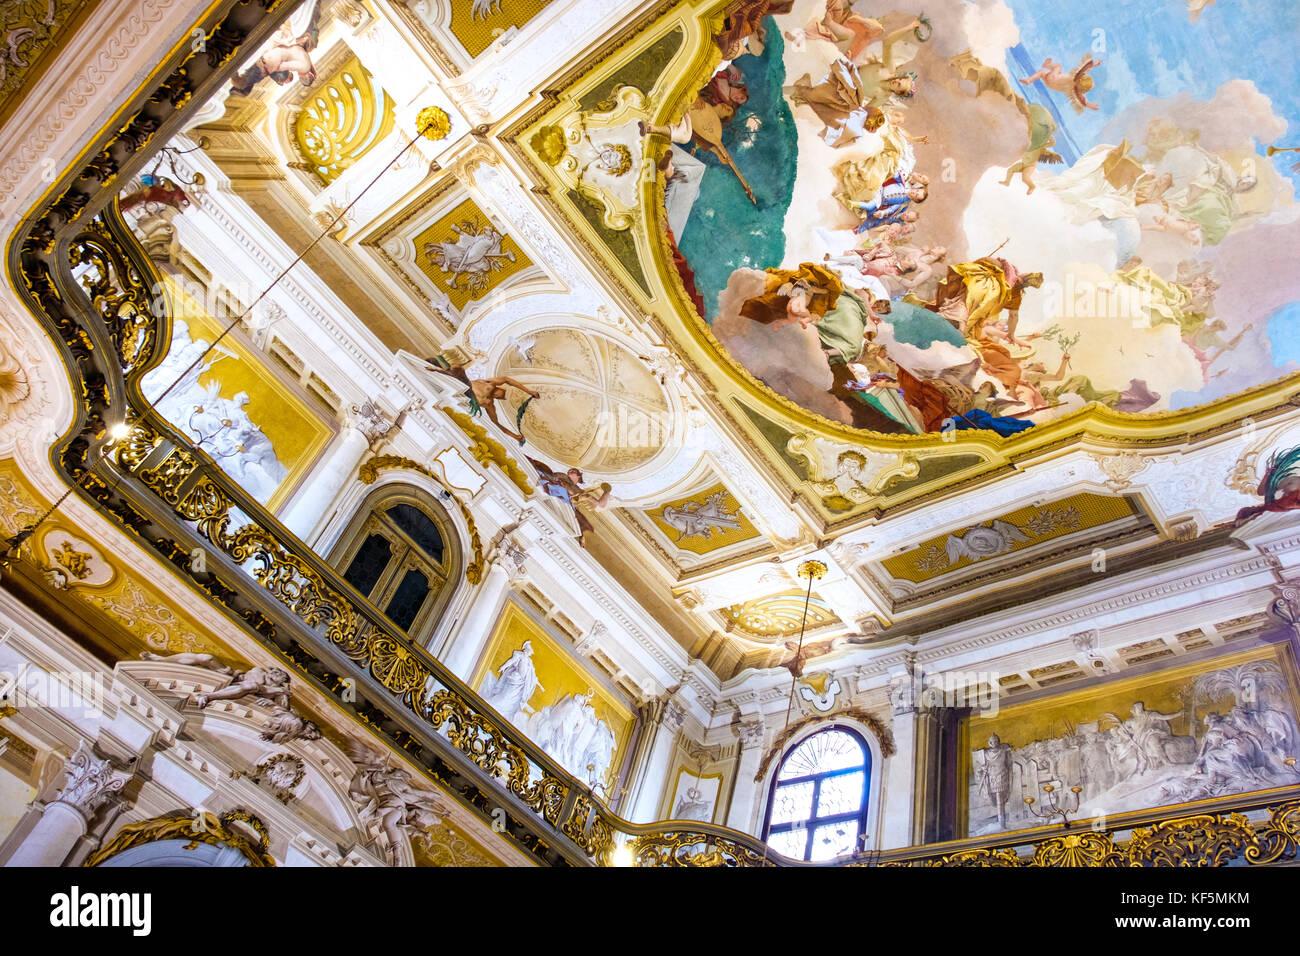 Interni Di Villa Pisani : Gli interni di villa pisani un affresco dipinto sul soffitto dorato